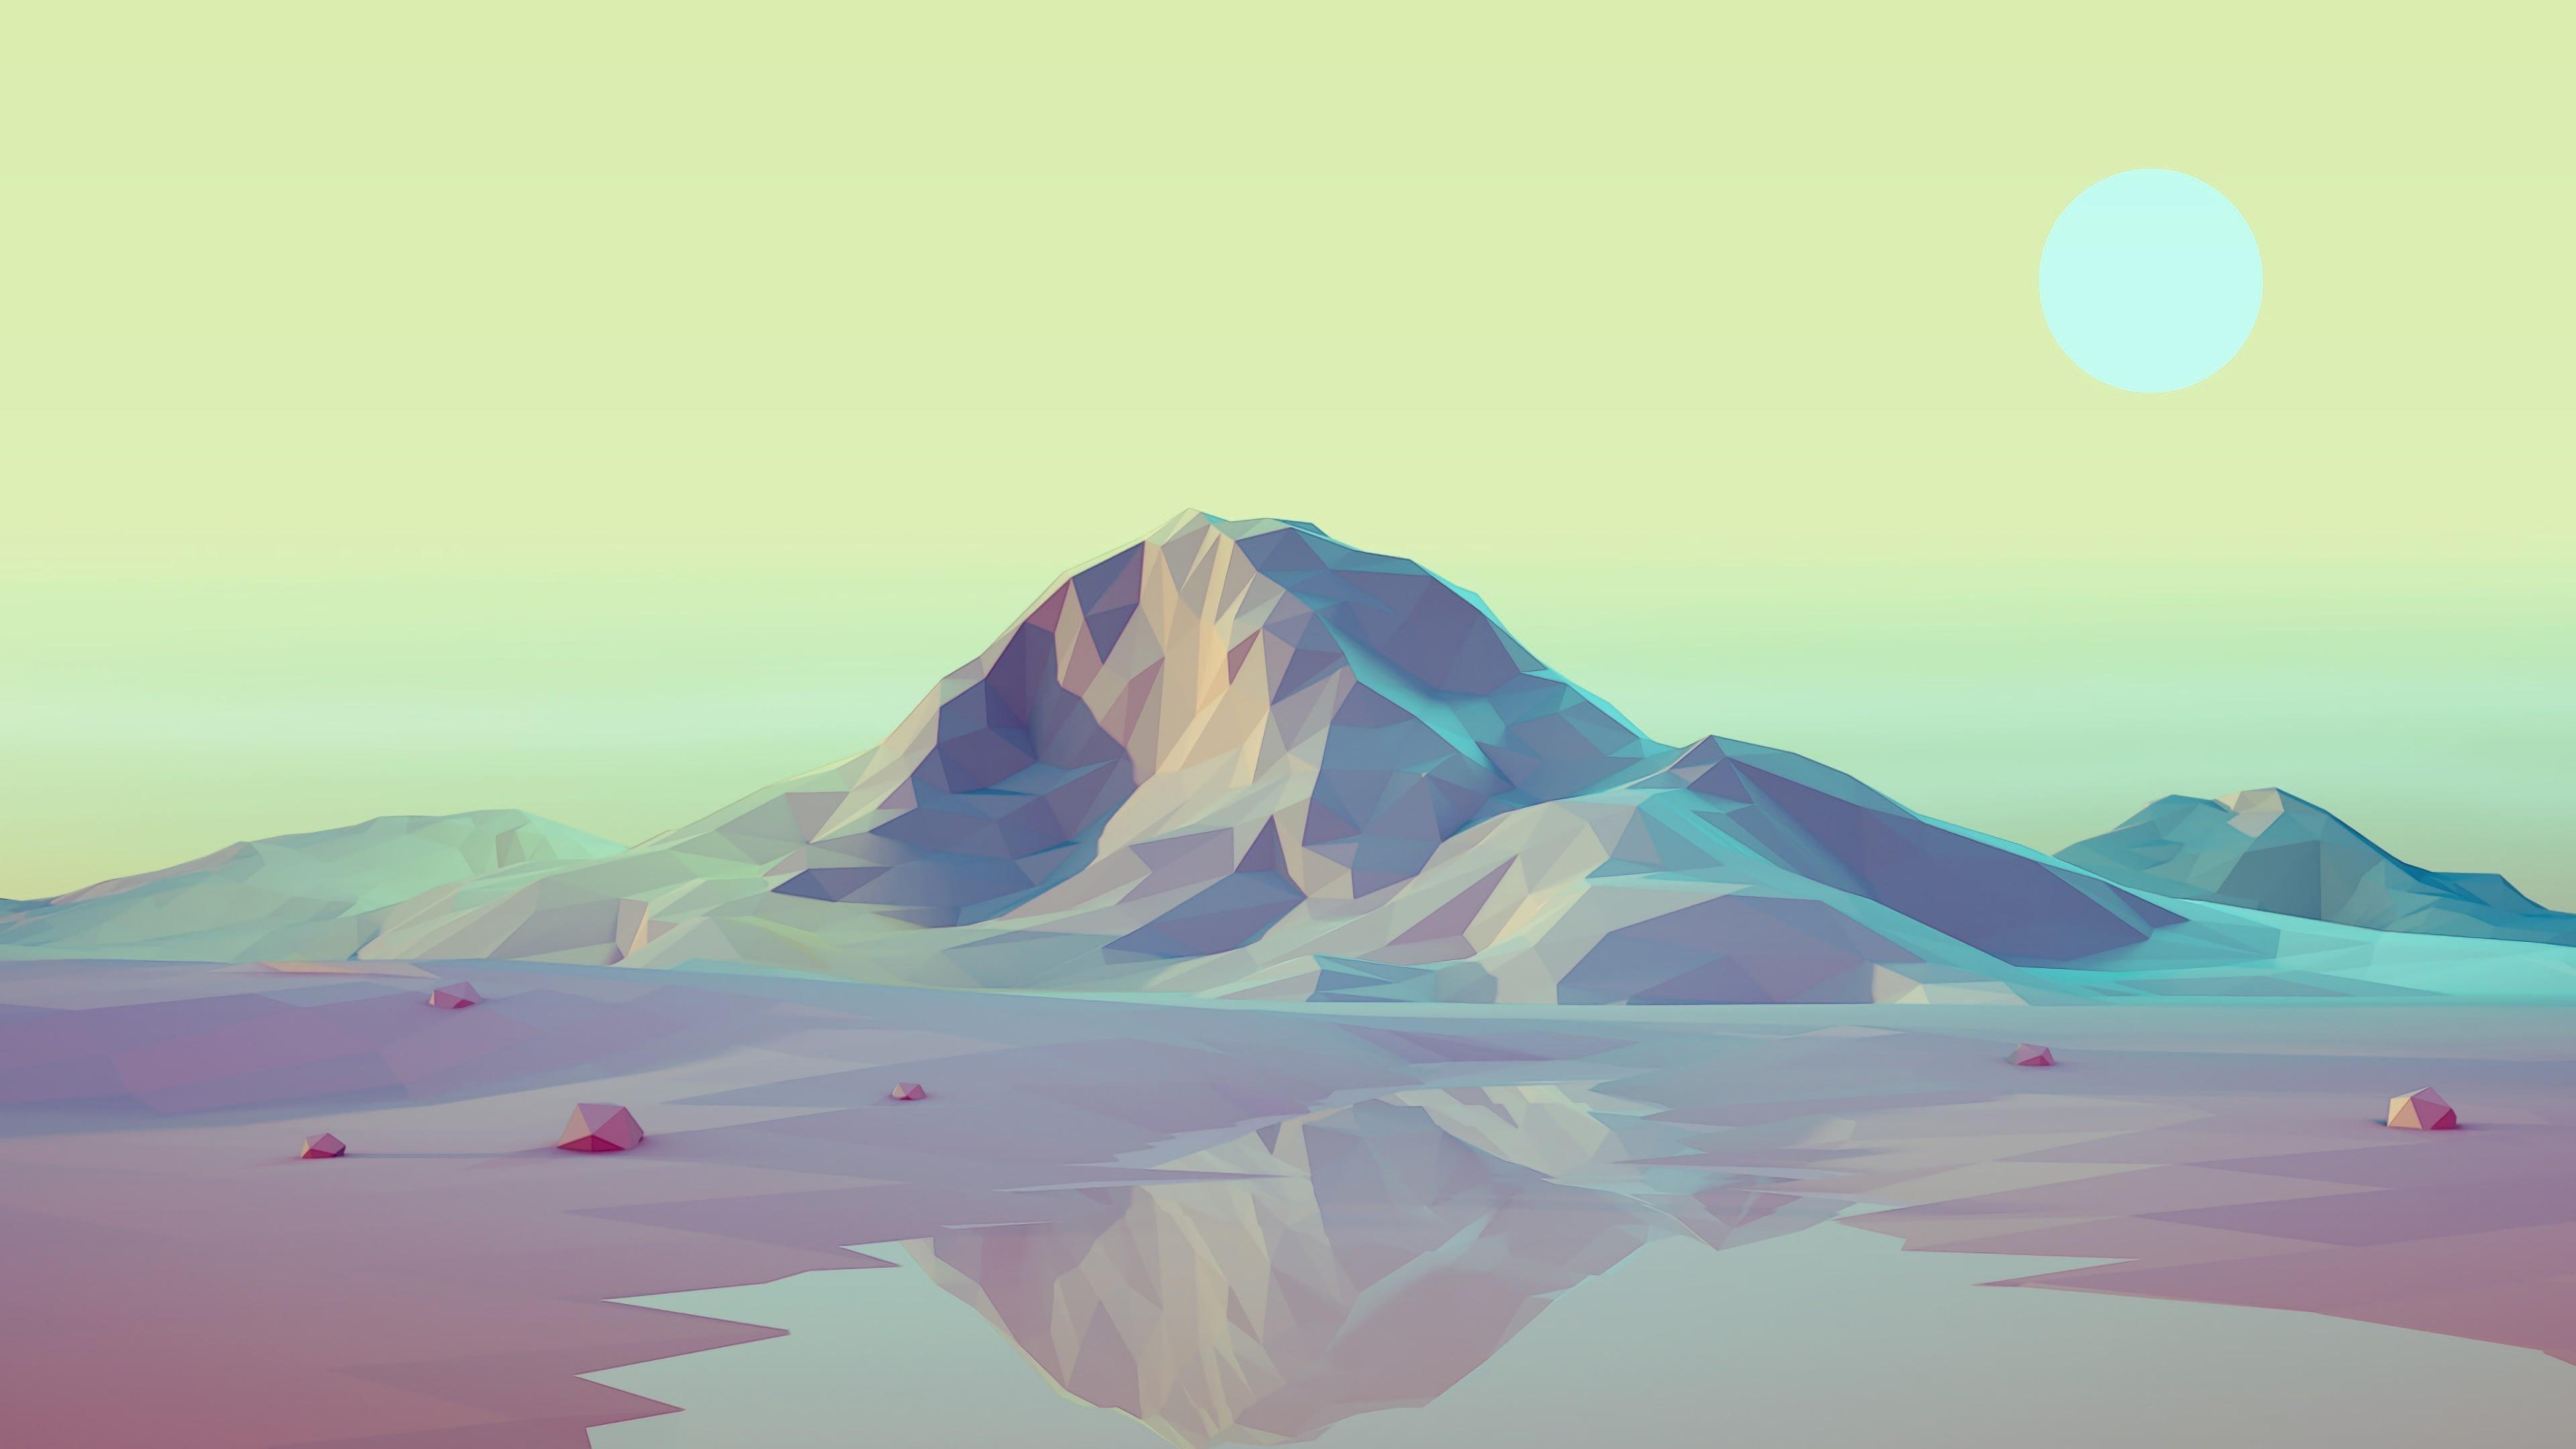 Fondos de pantalla Montañas 3D Low Poly